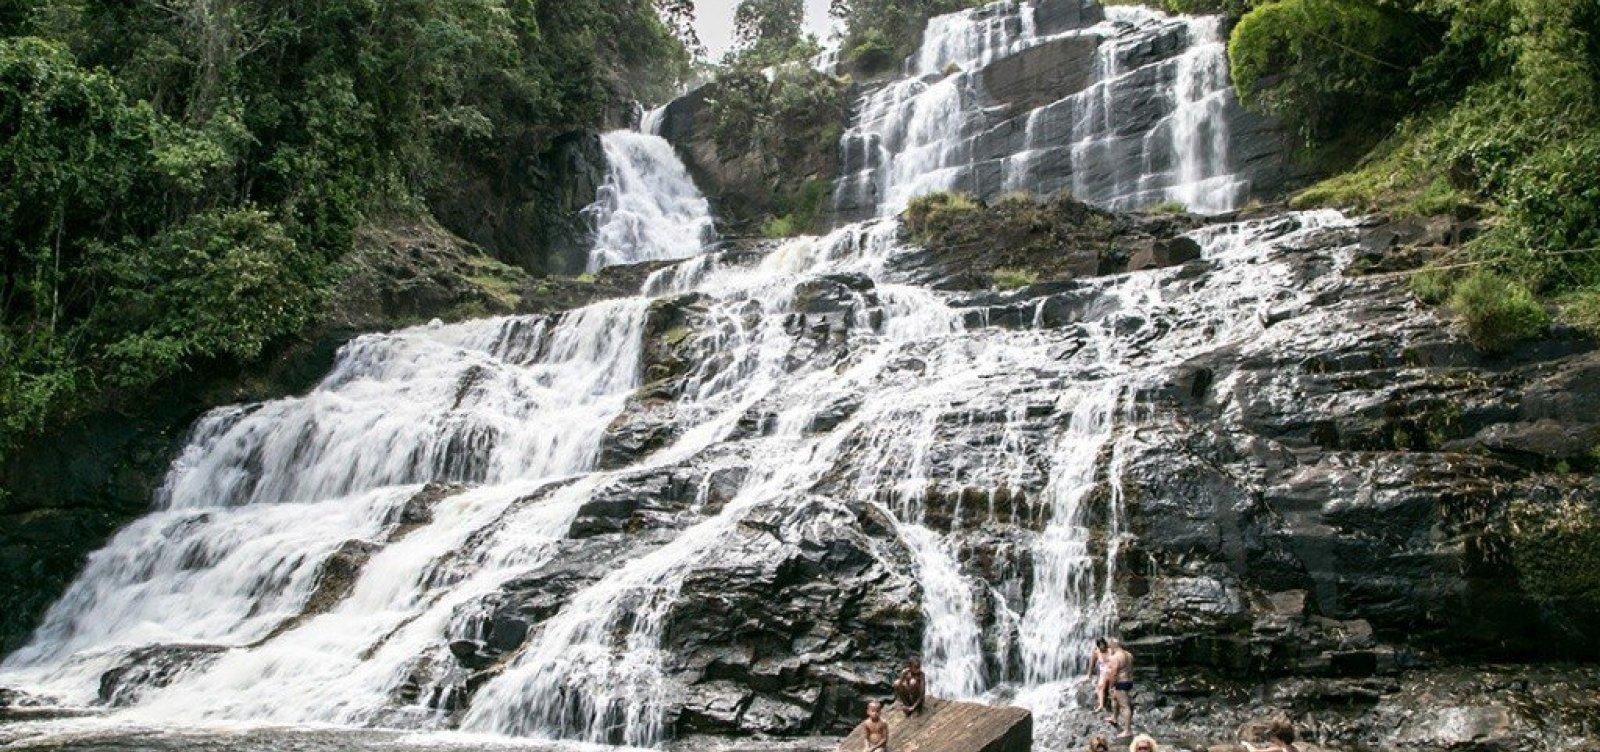 [Pancada Grande: maior cachoeira do litoral baiano te convida a desviar o caminho]